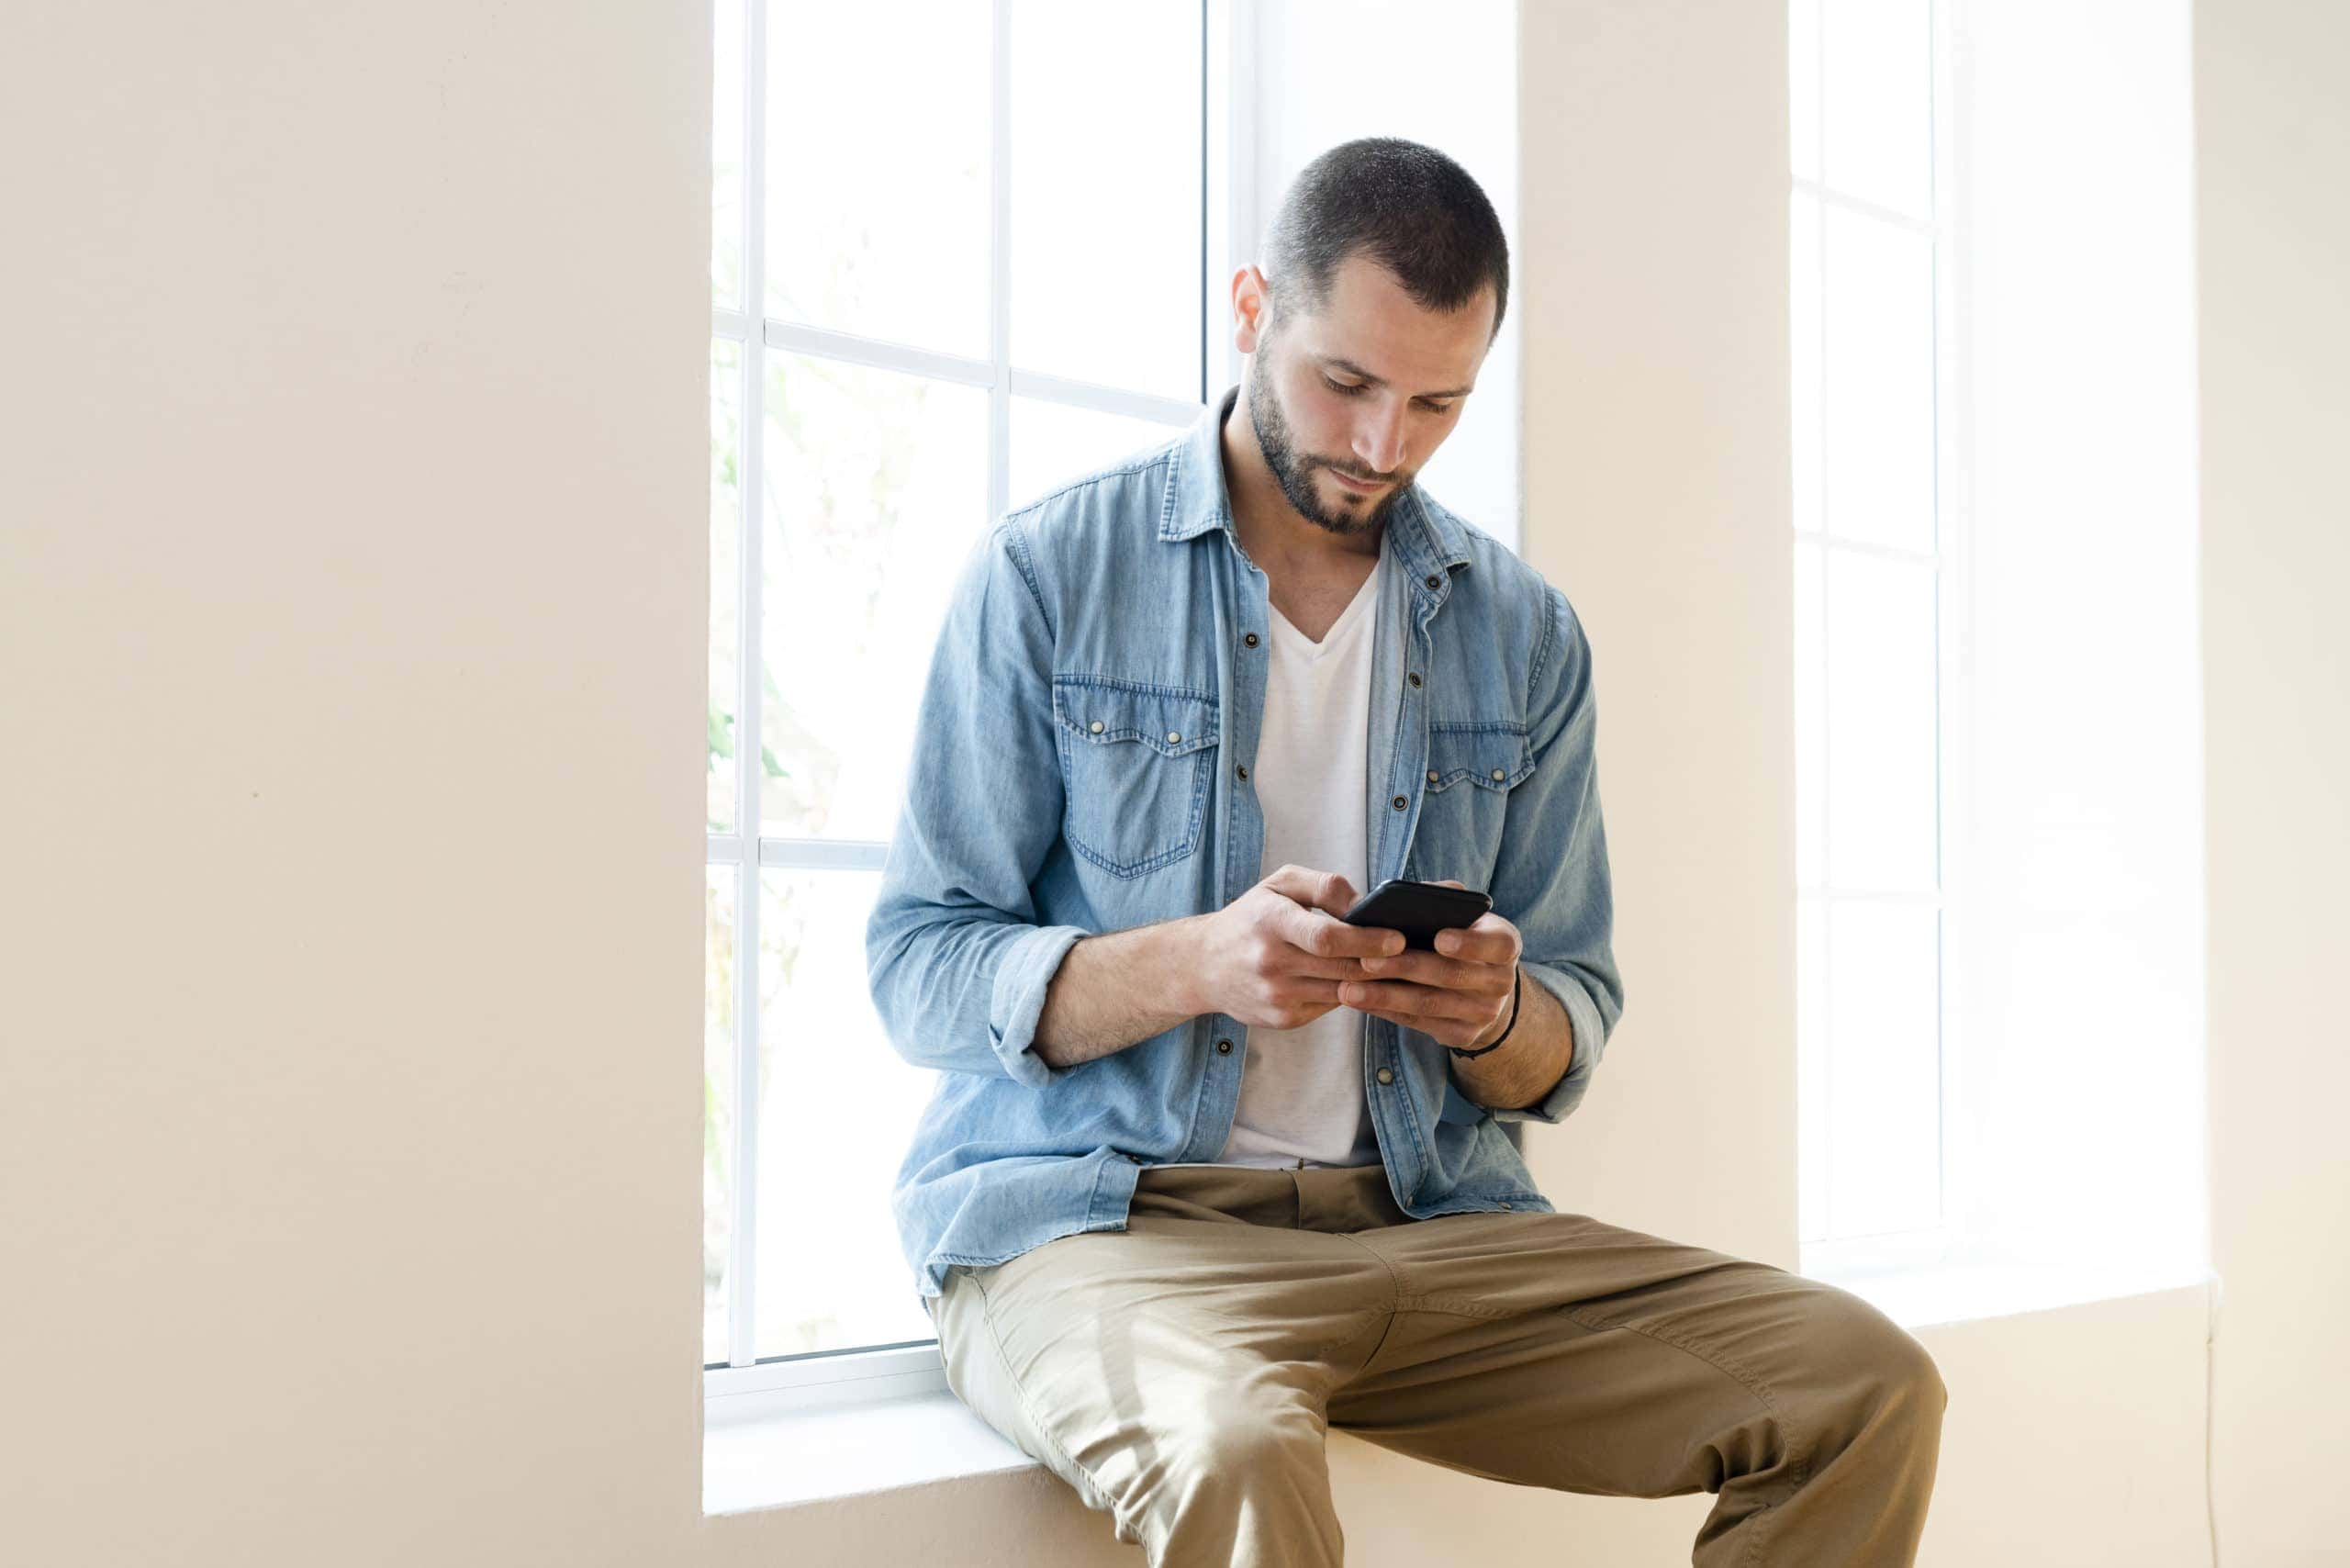 Ein junger Mann schaut sitzt auf einem Fensterbrett und schaut ernst auf sein Smartphone